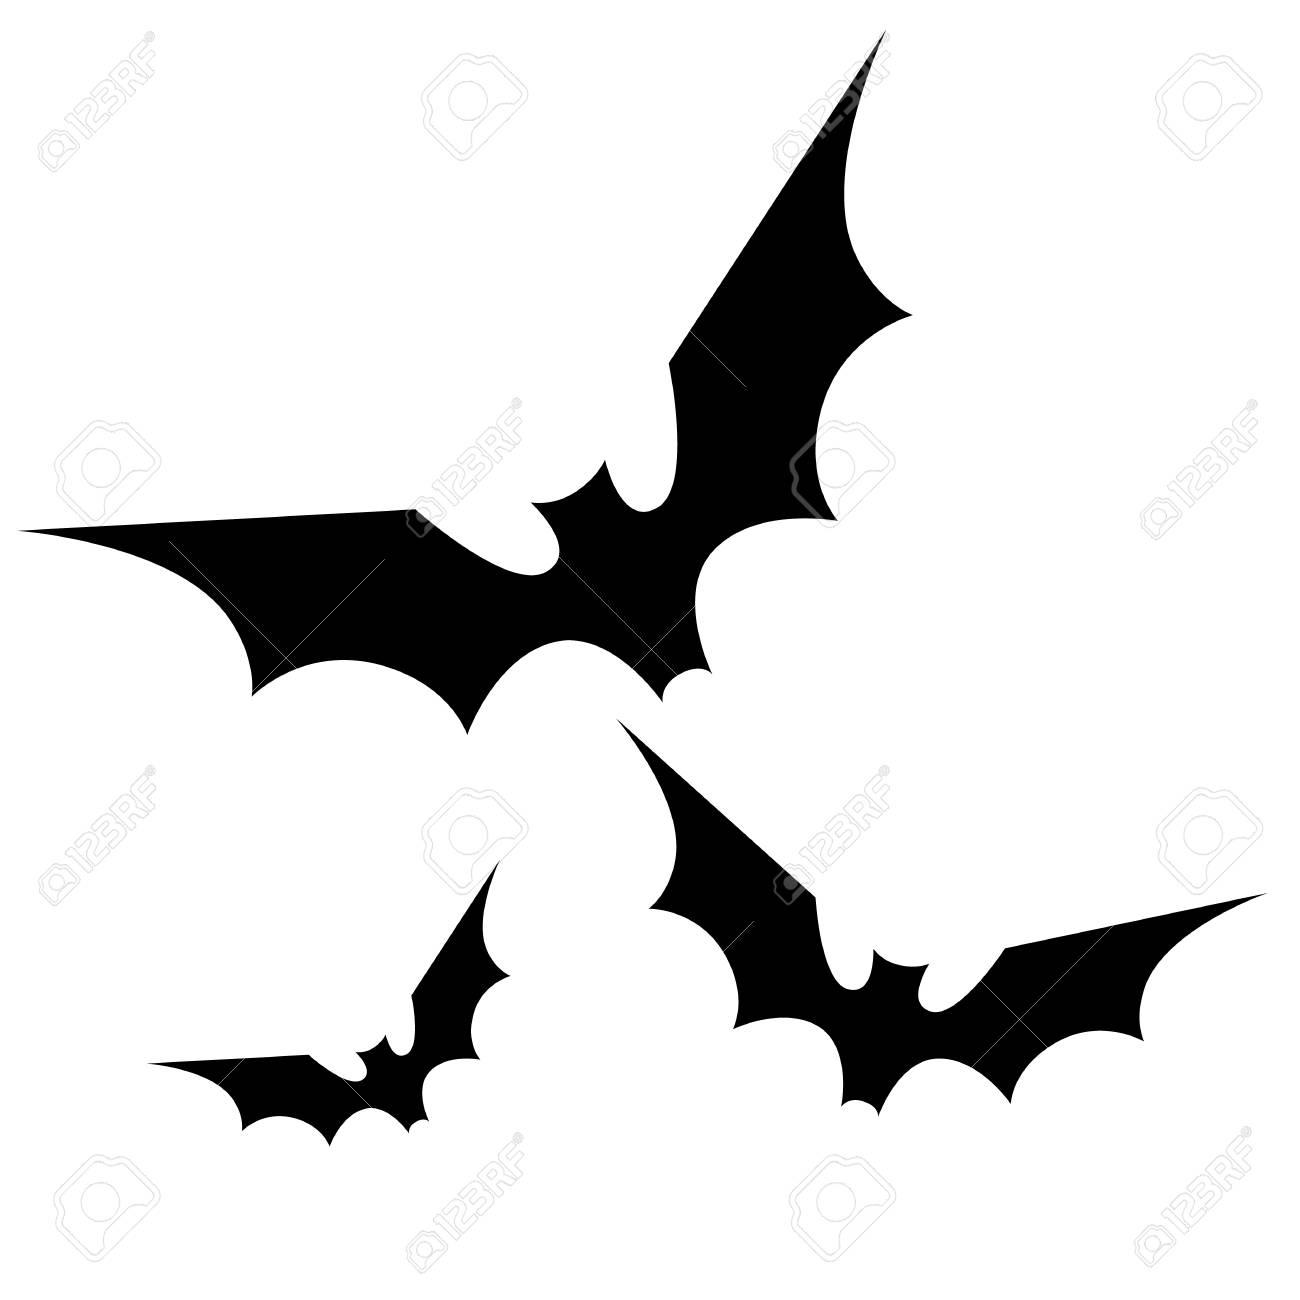 silueta de murciélagos negros silueta halloween spooky ilustración